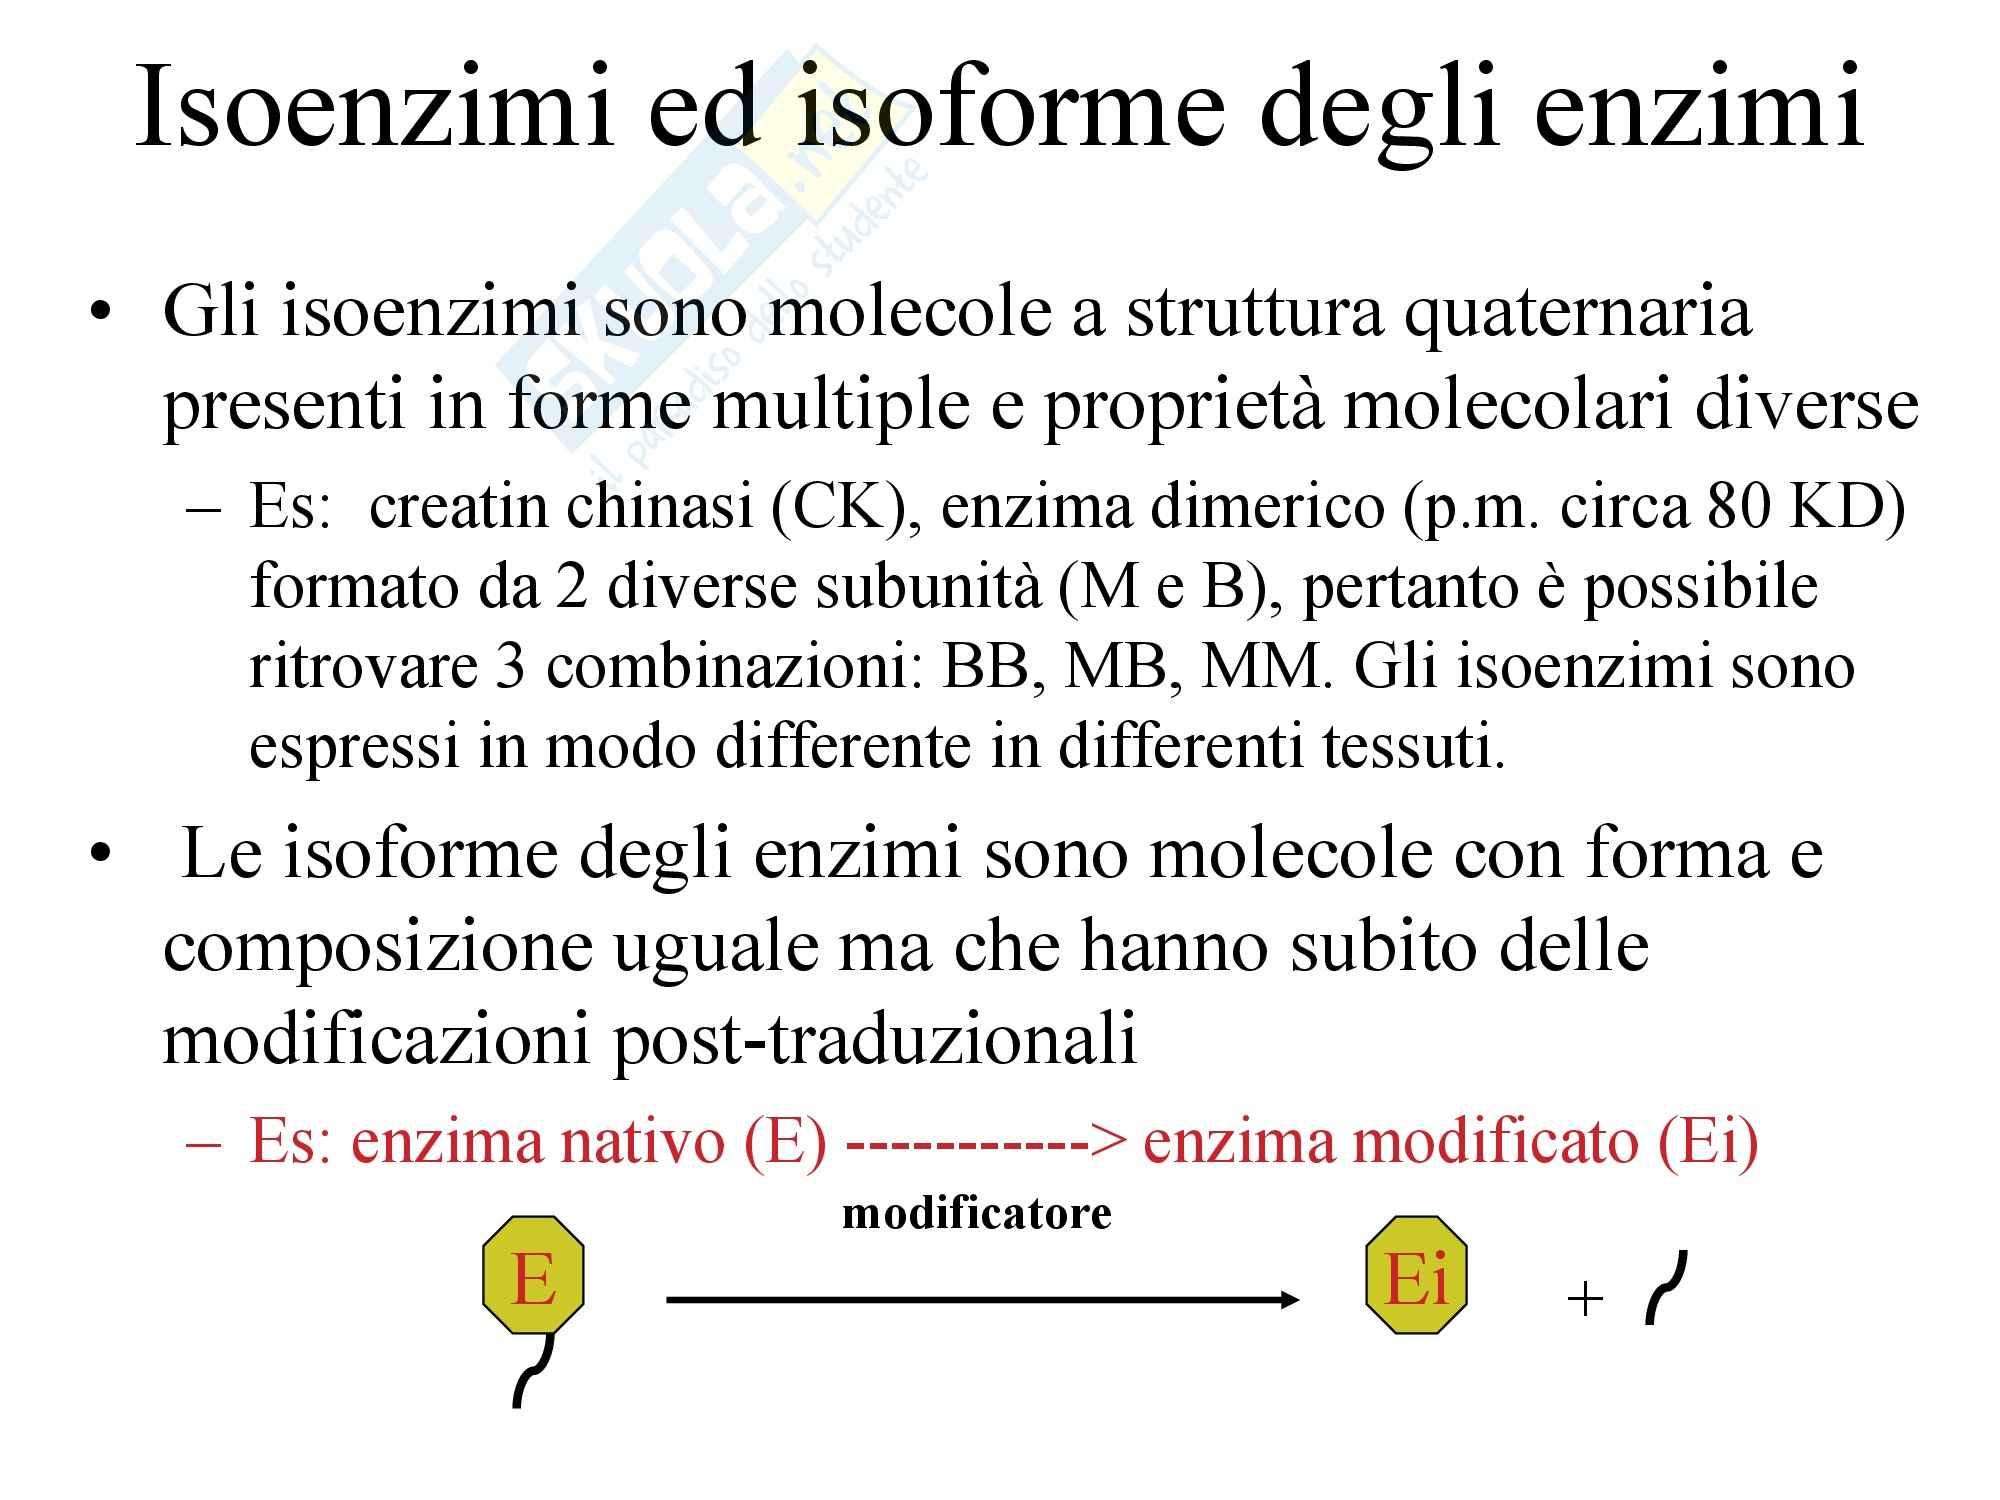 Fegato e Bile - Funzioni epatiche Pag. 16